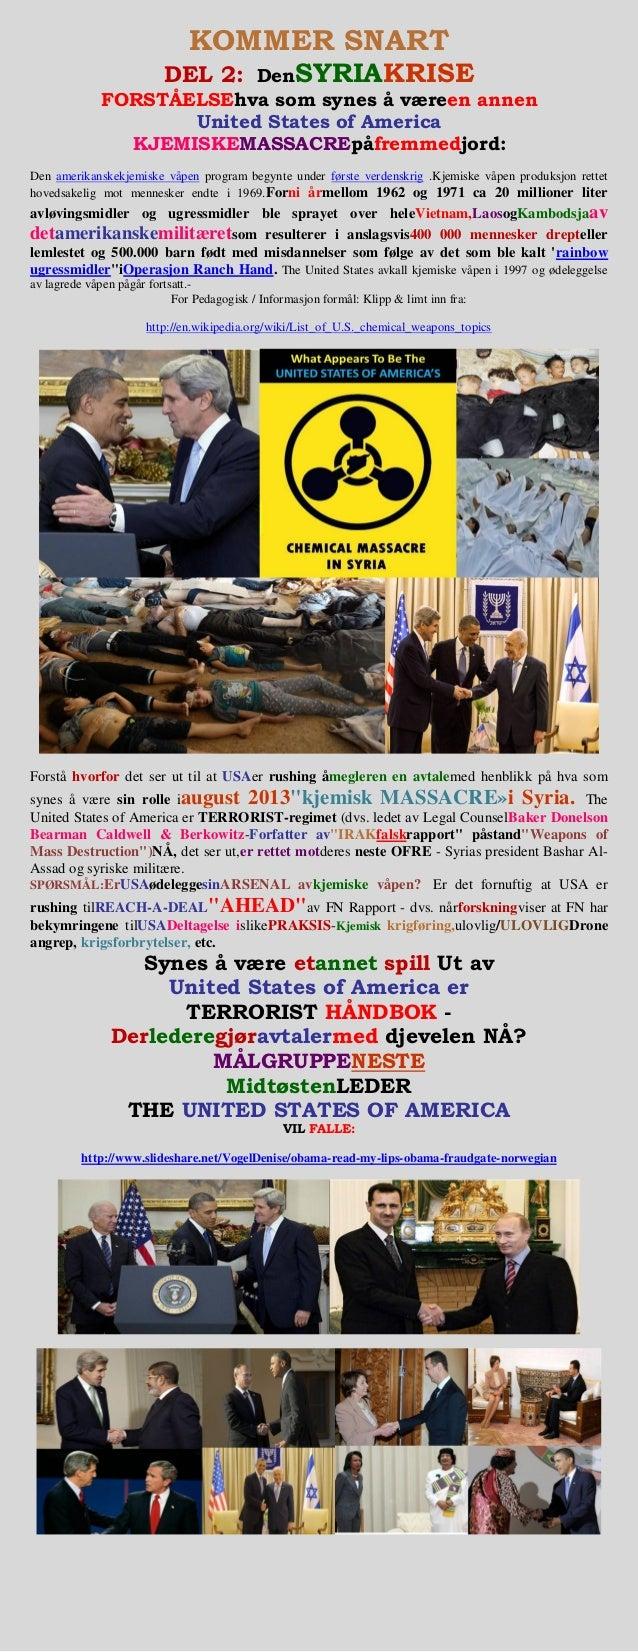 KOMMER SNART DEL 2: DenSYRIAKRISE FORSTÅELSEhva som synes å væreen annen United States of America KJEMISKEMASSACREpåfremme...